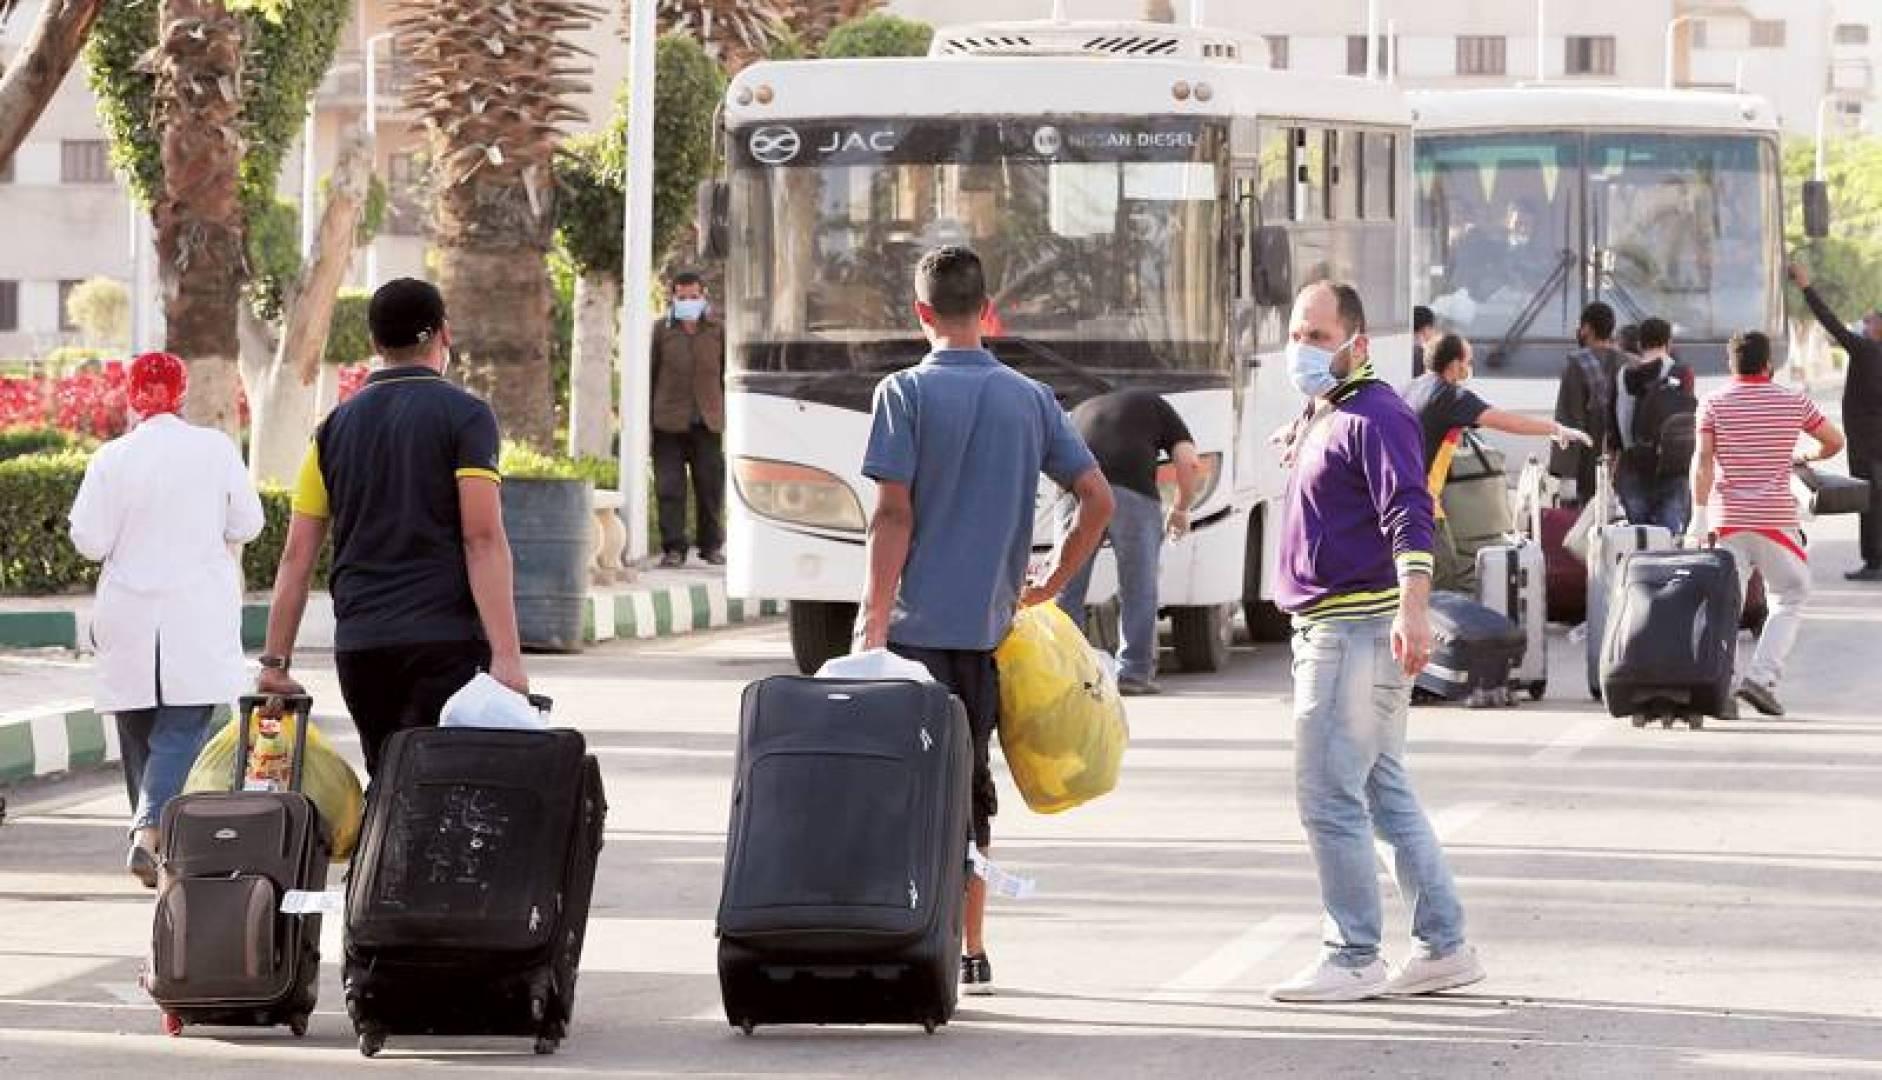 ضغوط حكومية لتوظيف مواطنين تجبر الوافدين على العودة إلى أوطانهم